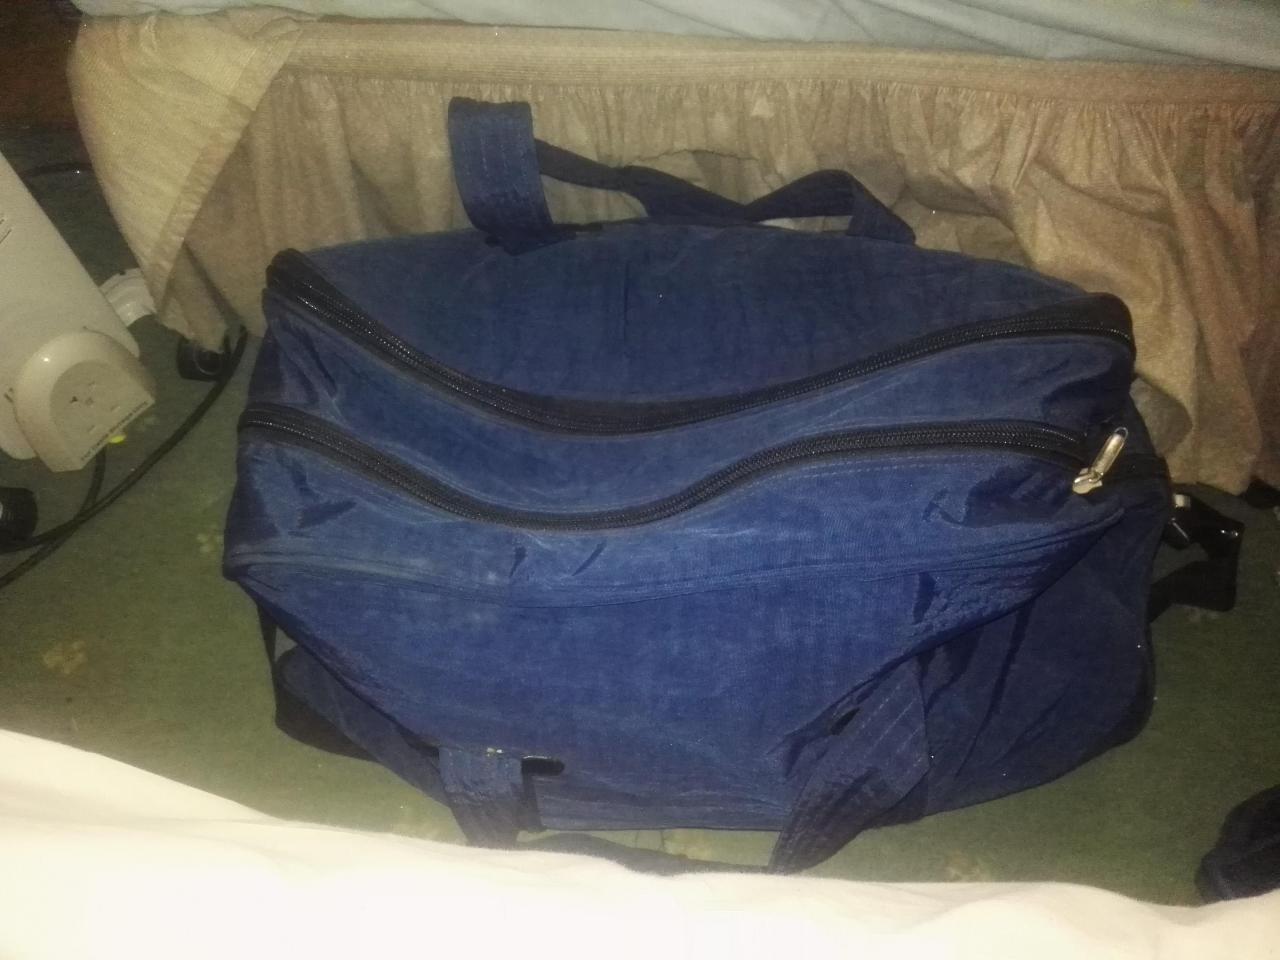 Дорожная сумка- ручная кладь,2 рабочие сапоги, спальный мешок, постельный комплект - 5